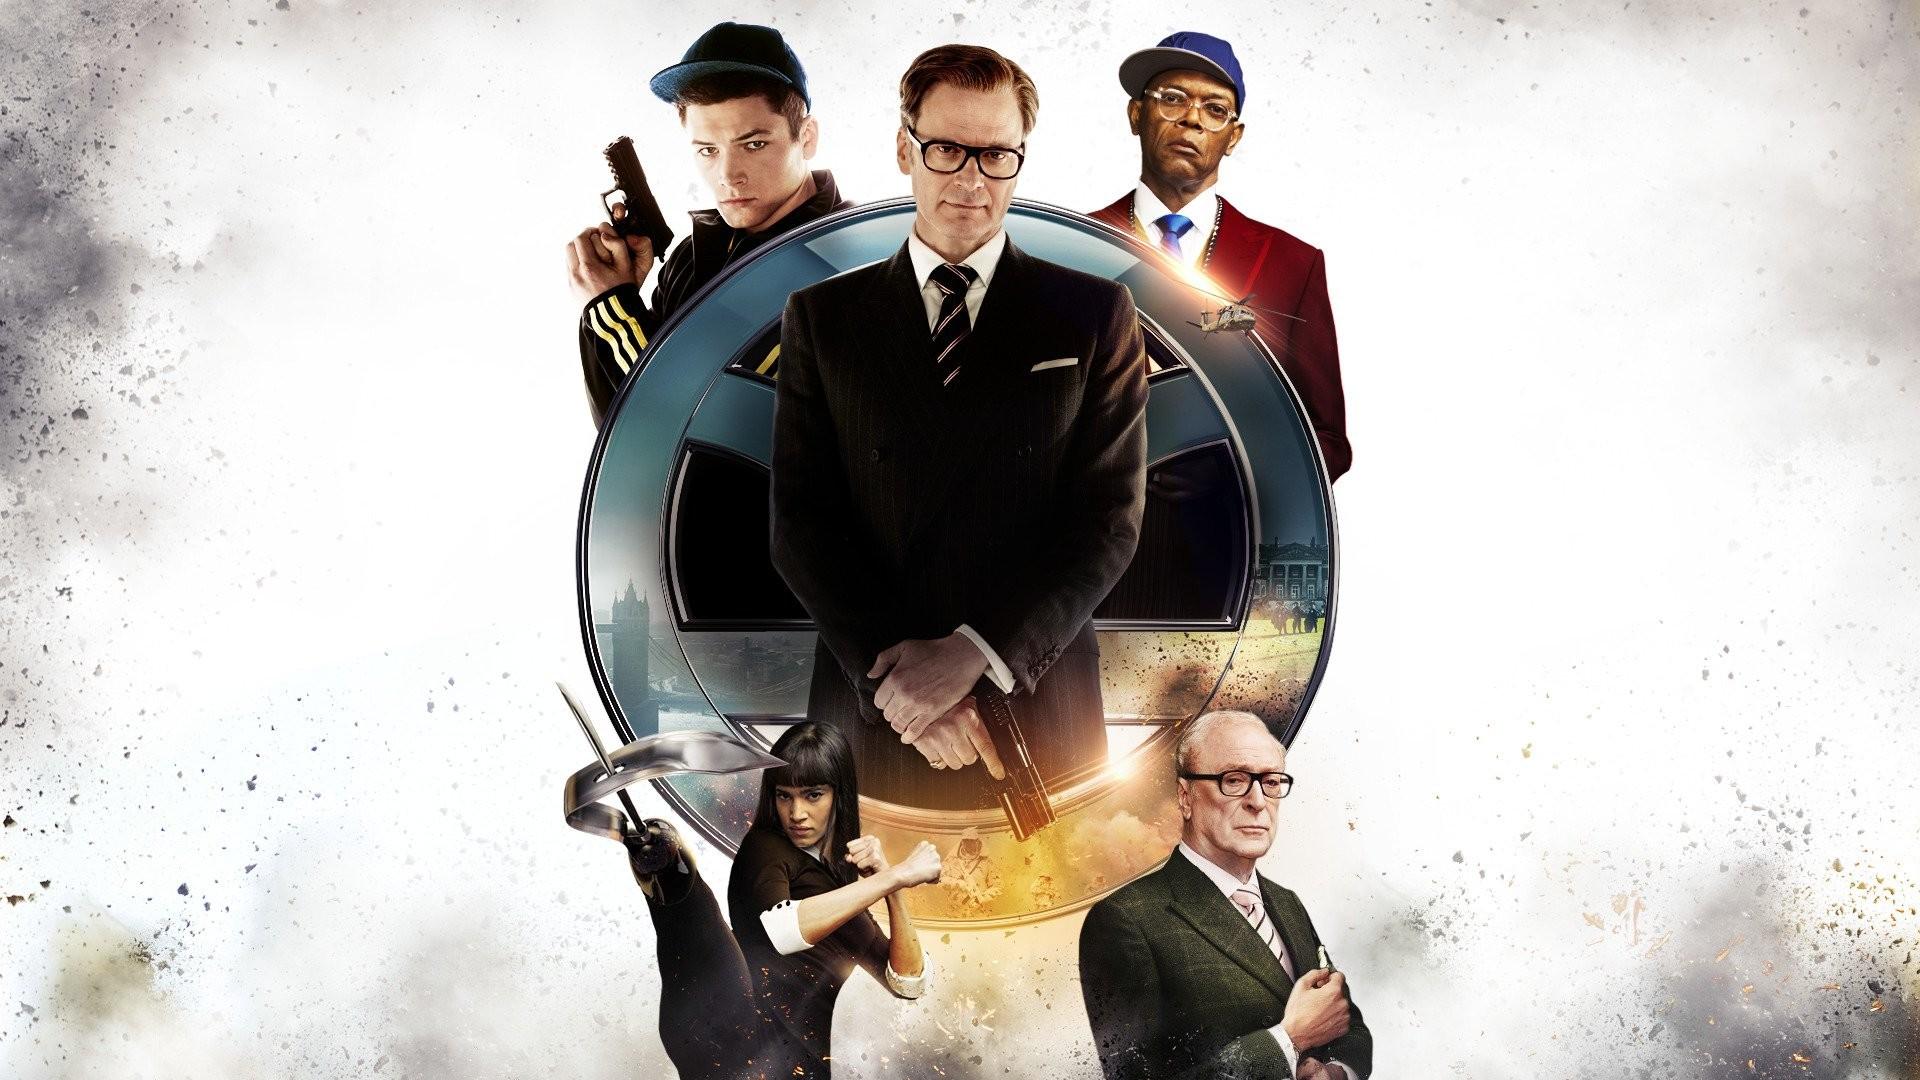 Res: 1920x1080, Filme - Kingsman: The Secret Service Taron Egerton Colin Firth Samuel L.  Jackson Michael